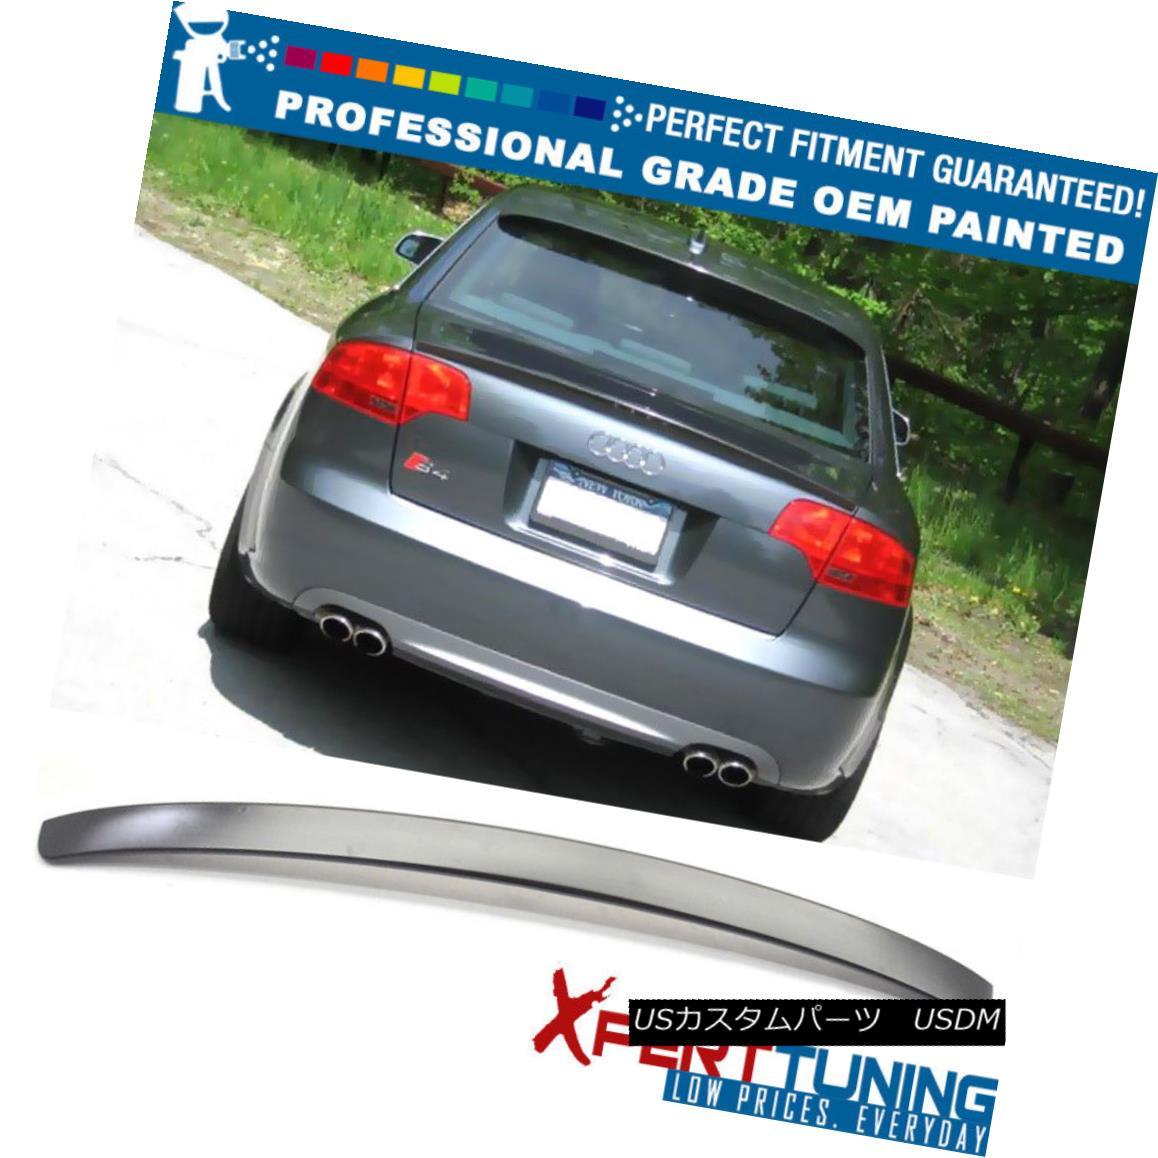 エアロパーツ 09-14 Audi A4 Quattro B8 4Dr Painted Rear Roof Spoiler - OEM Painted Color 09-14アウディA4クワトロB8 4Dr塗装リアルーフスポイラー - OEM塗装カラー